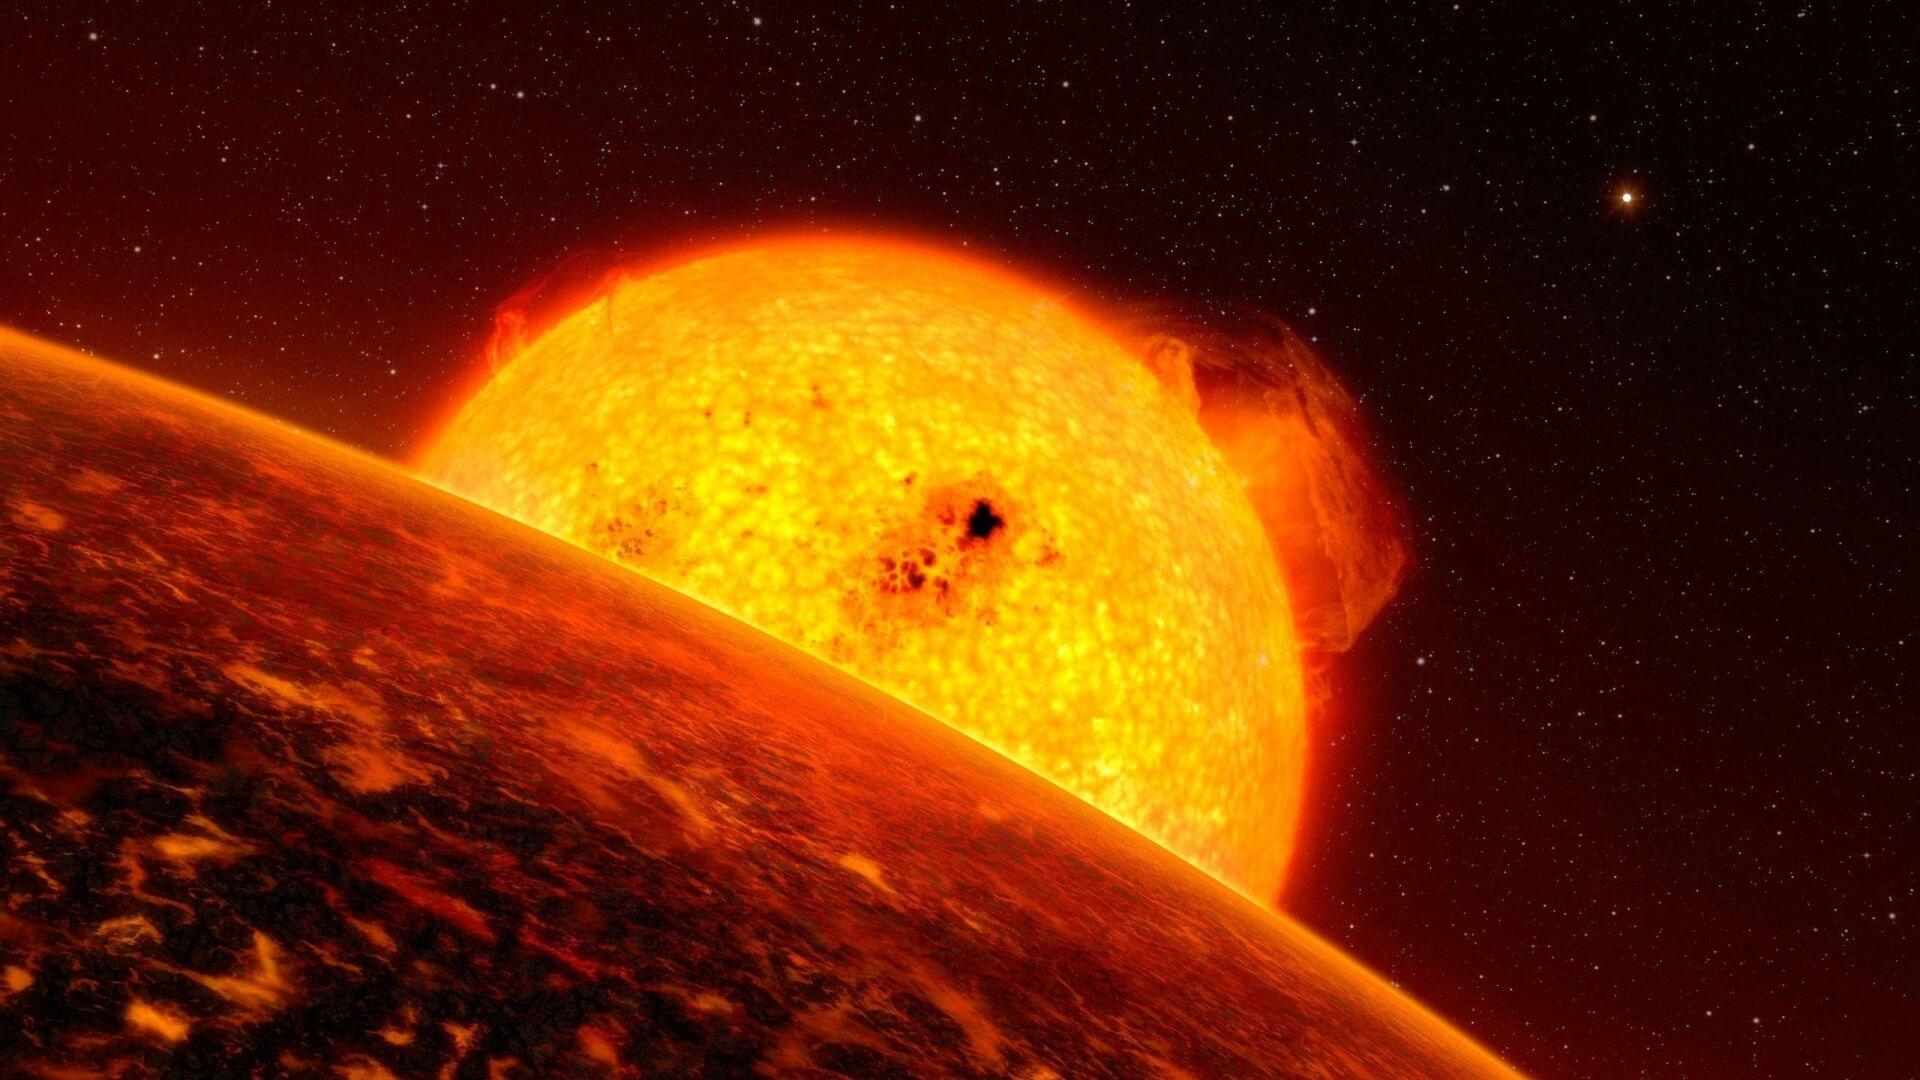 باد خورشیدی چه تأثیری بر زمین و منظومه شمسی دارد؟